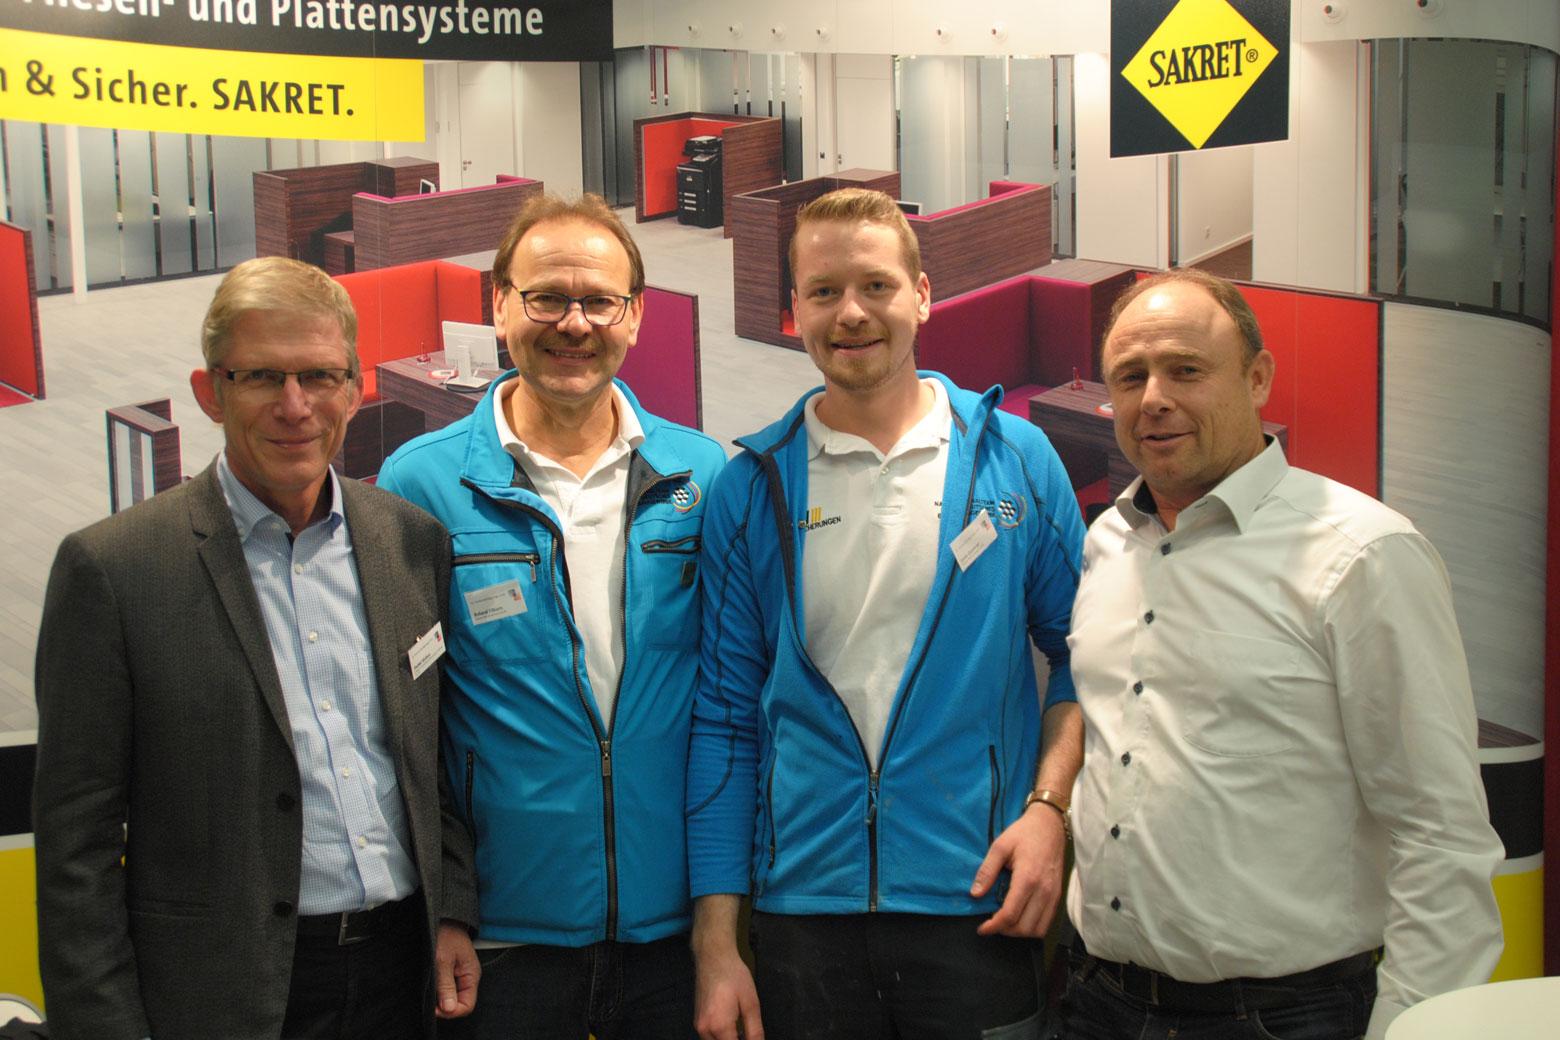 v. l.: SAKRET Mitarbeiter Dr. Detlef Ricken, Trainer Roland Filkorn, Janis Gentner, Bernd Früh